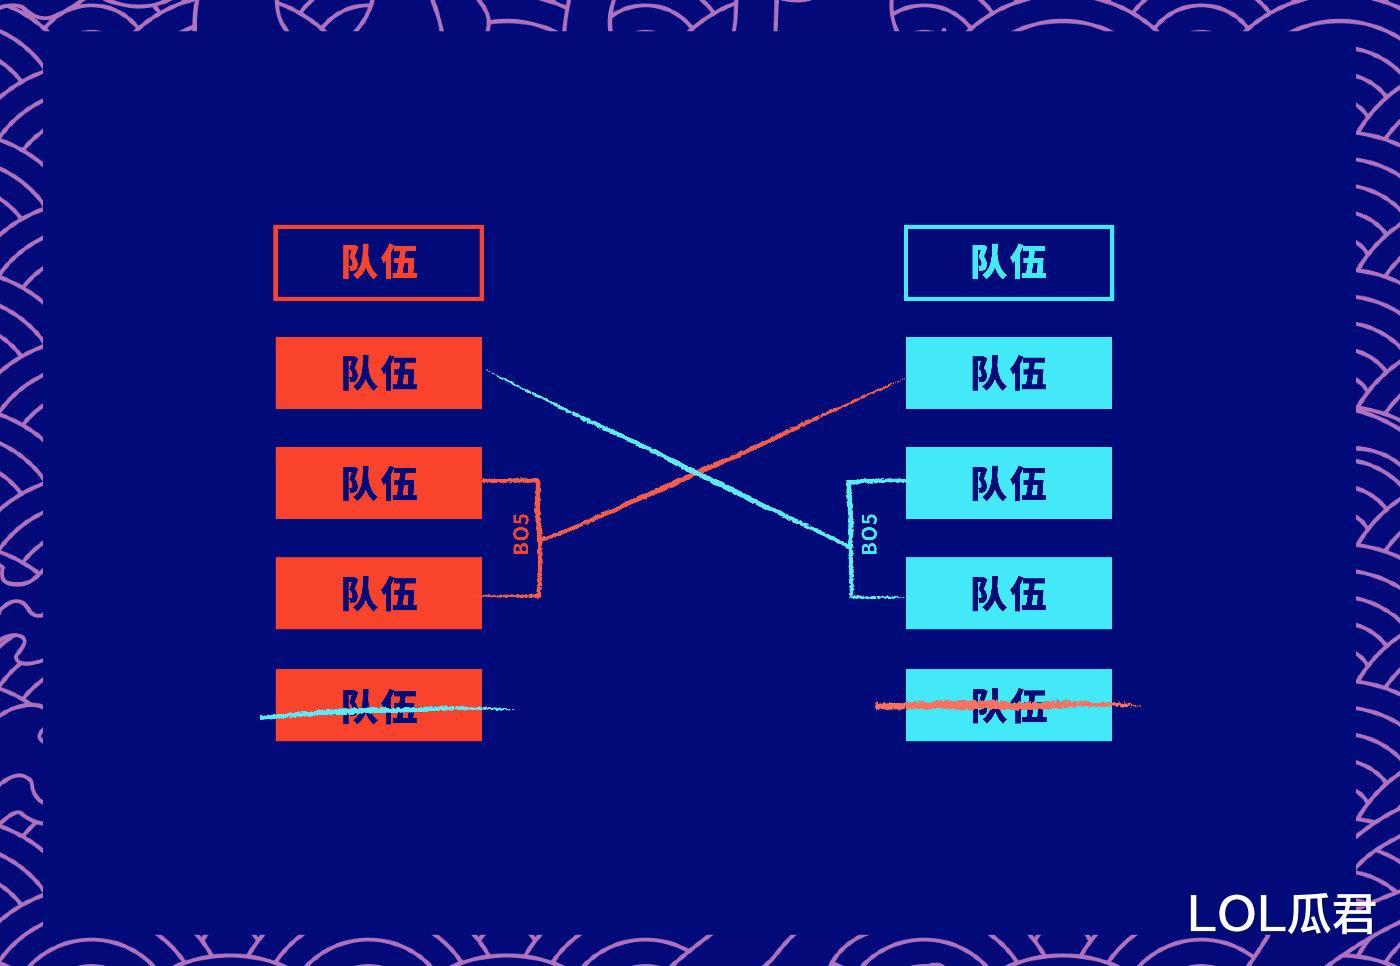 LPL復活賽打不成瞭,越南空缺名額已由LCK頂上,同時入圍賽制改動-圖4